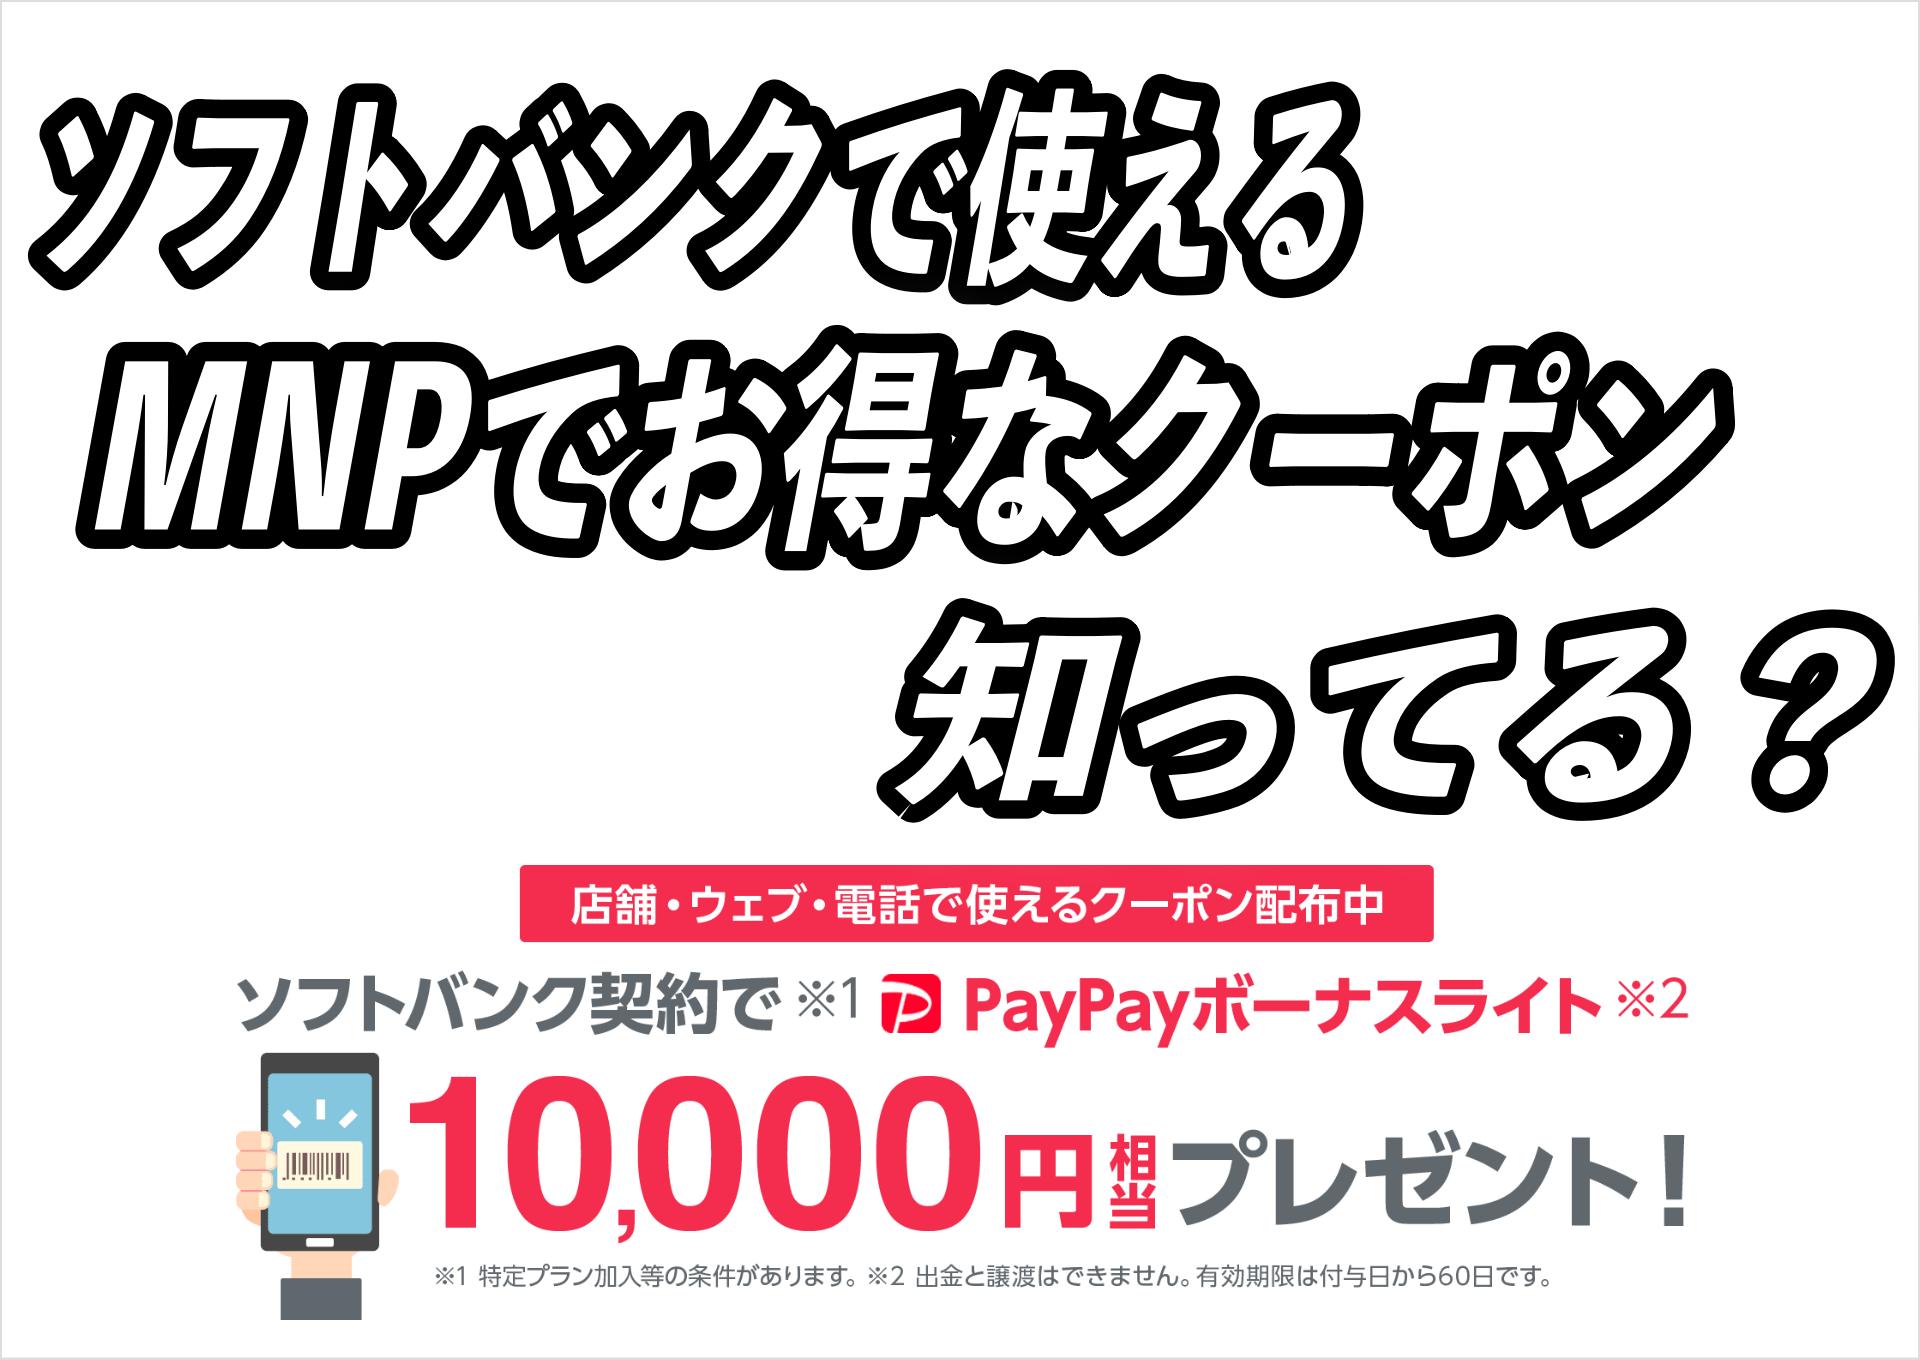 ソフトバンクで使えるMNPでお得なクーポン知ってる?